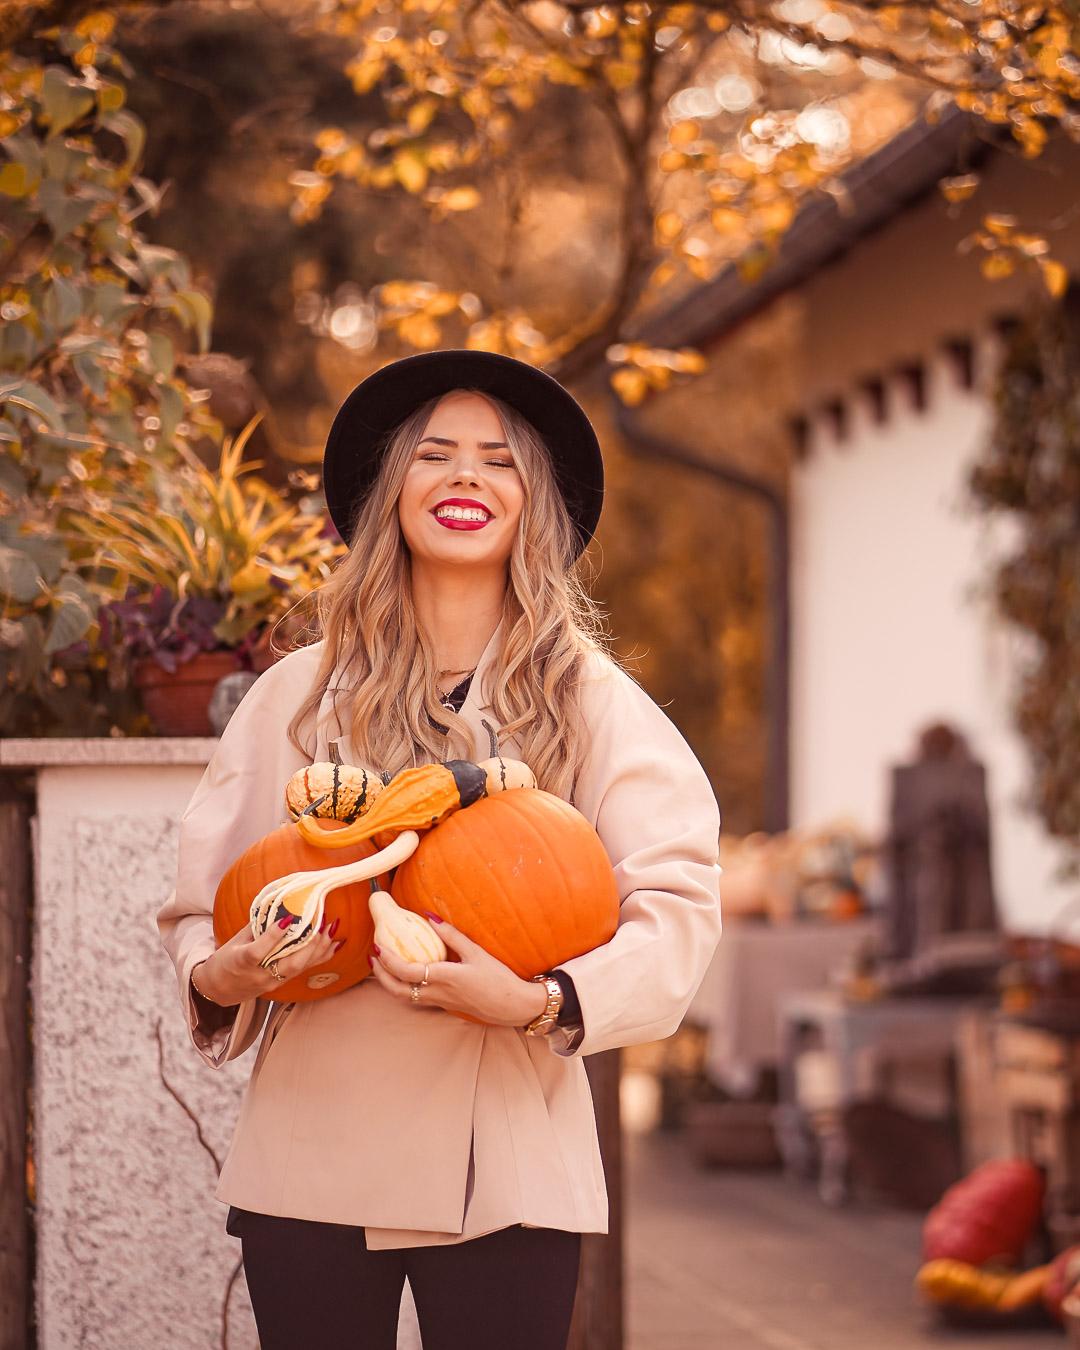 Fröhliches Herbstfoto mit Kürbissen im Arm